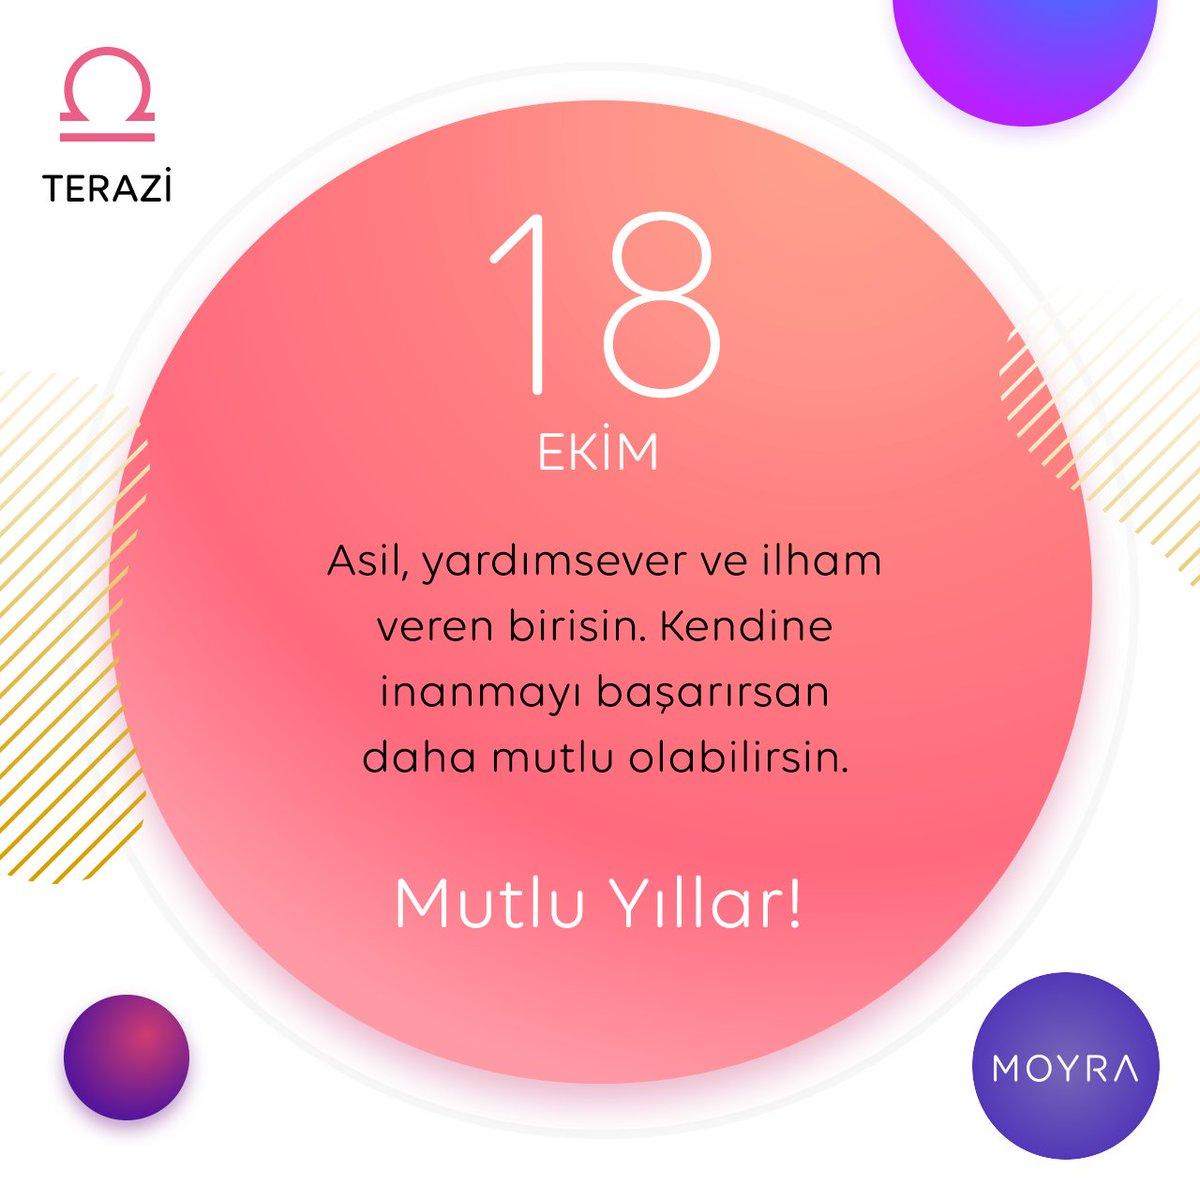 Moyra On Twitter 18 Ekim Doğumlu Olan Tüm Terazilere Mutlu